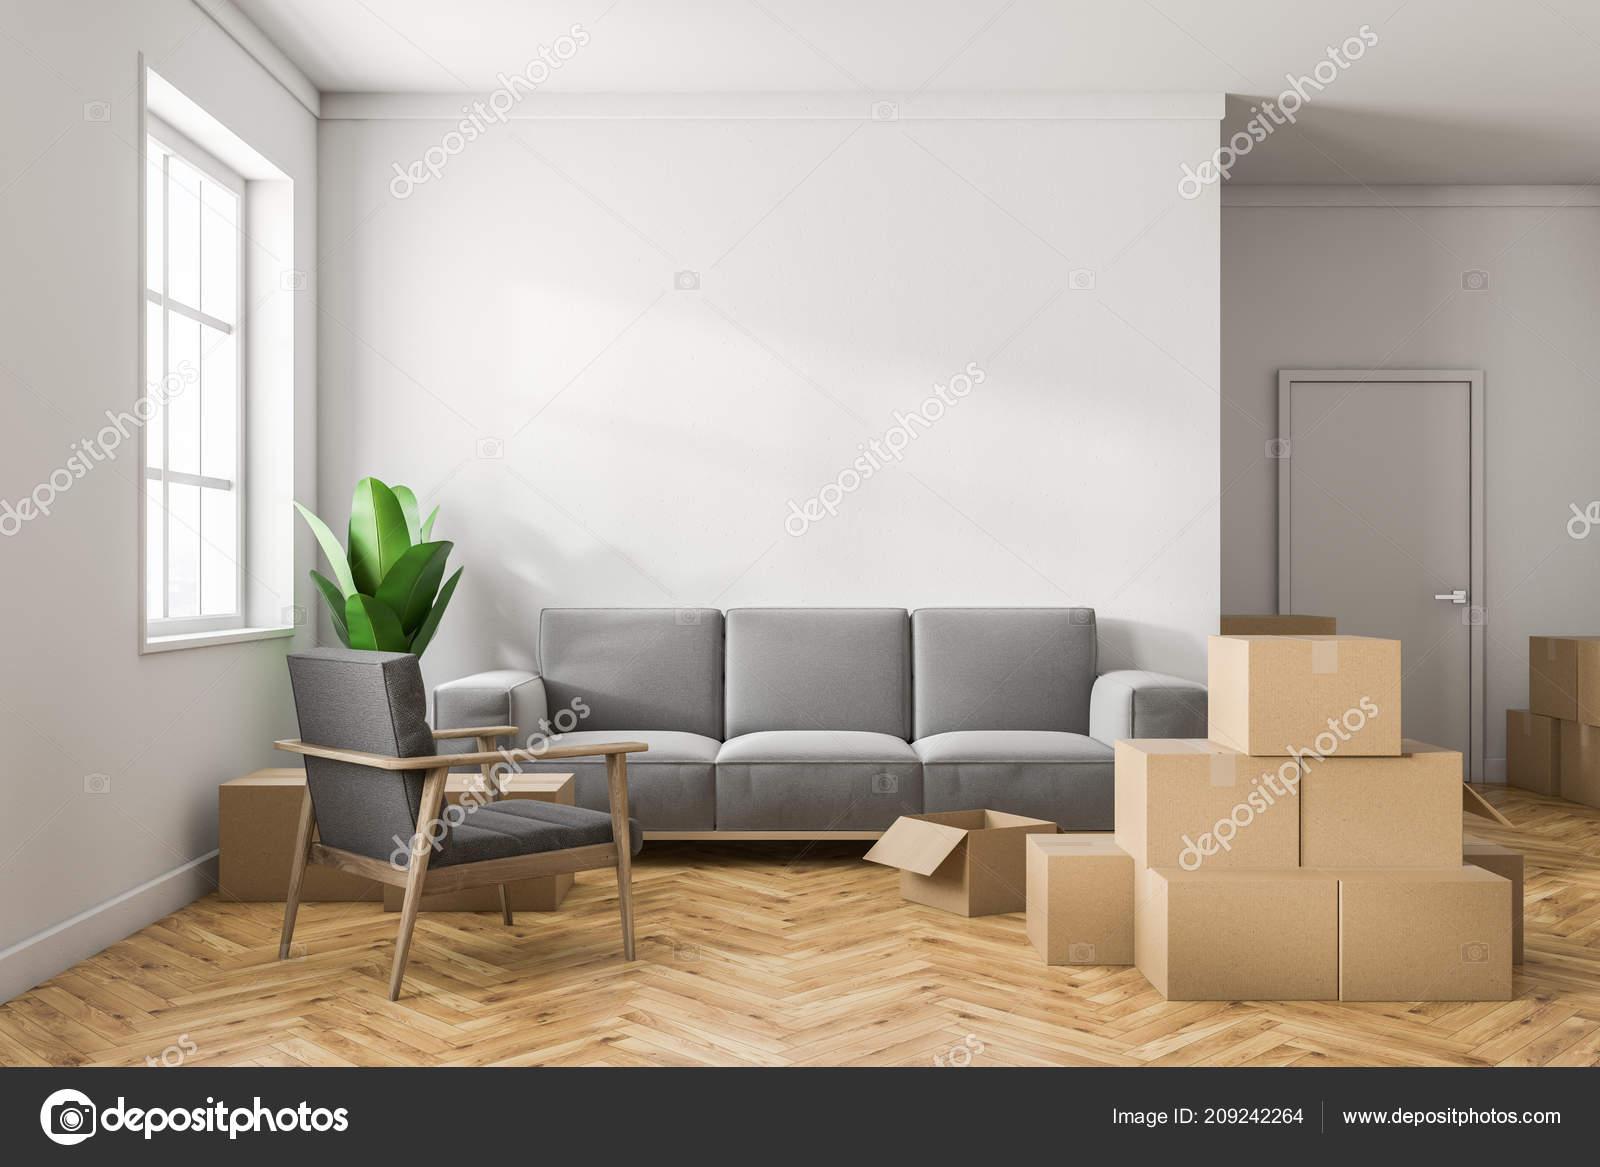 Pareti Bianche E Beige : Stanza bianca vuota interni con pareti bianche pavimenti legno una